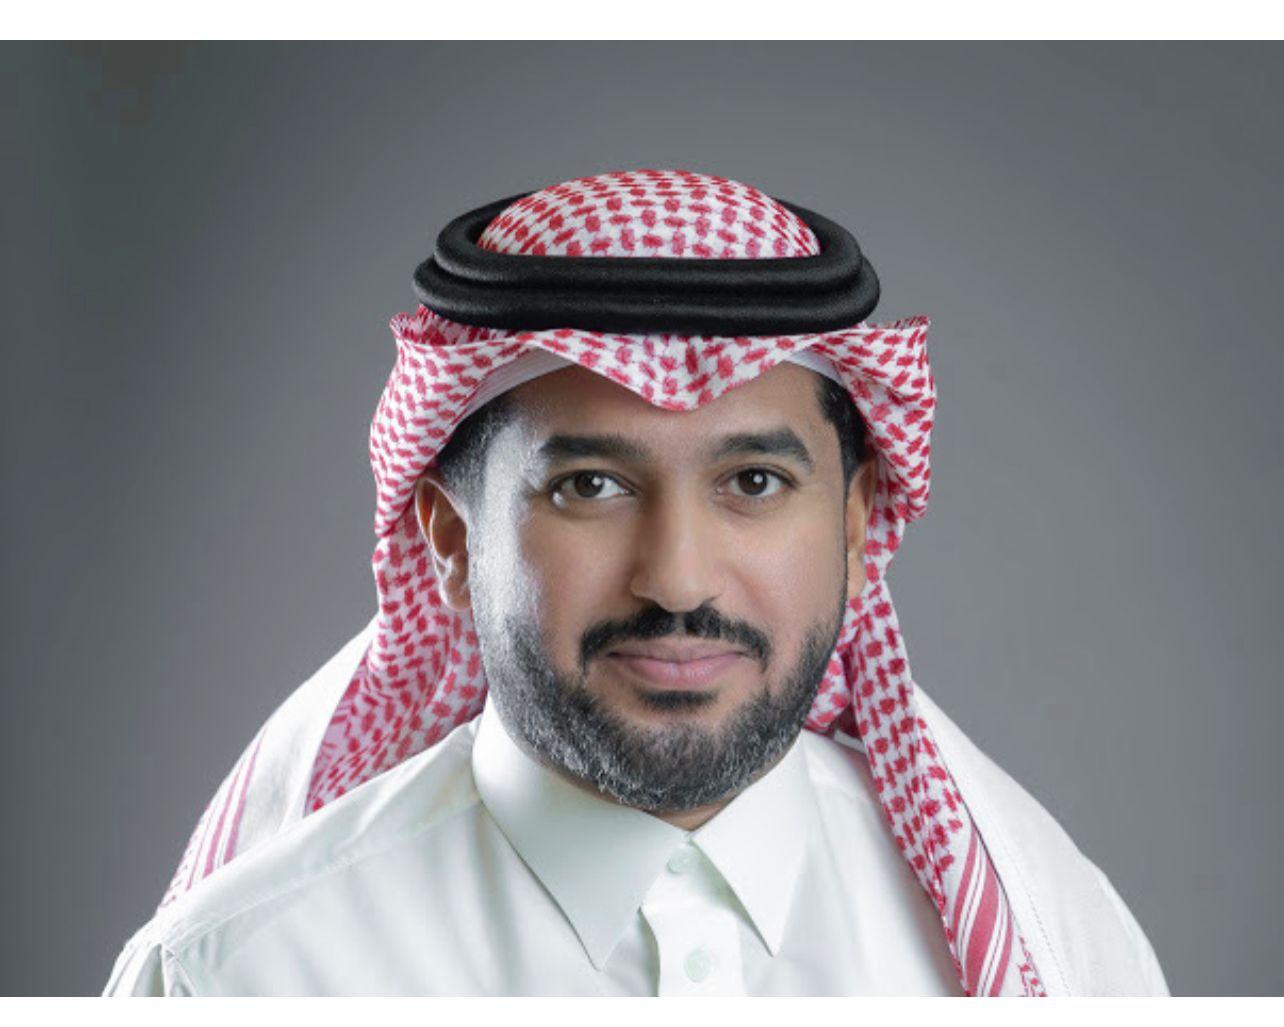 آل مسعود متحدثاً رسمياً لـ الهيئة العامة للمنافسة